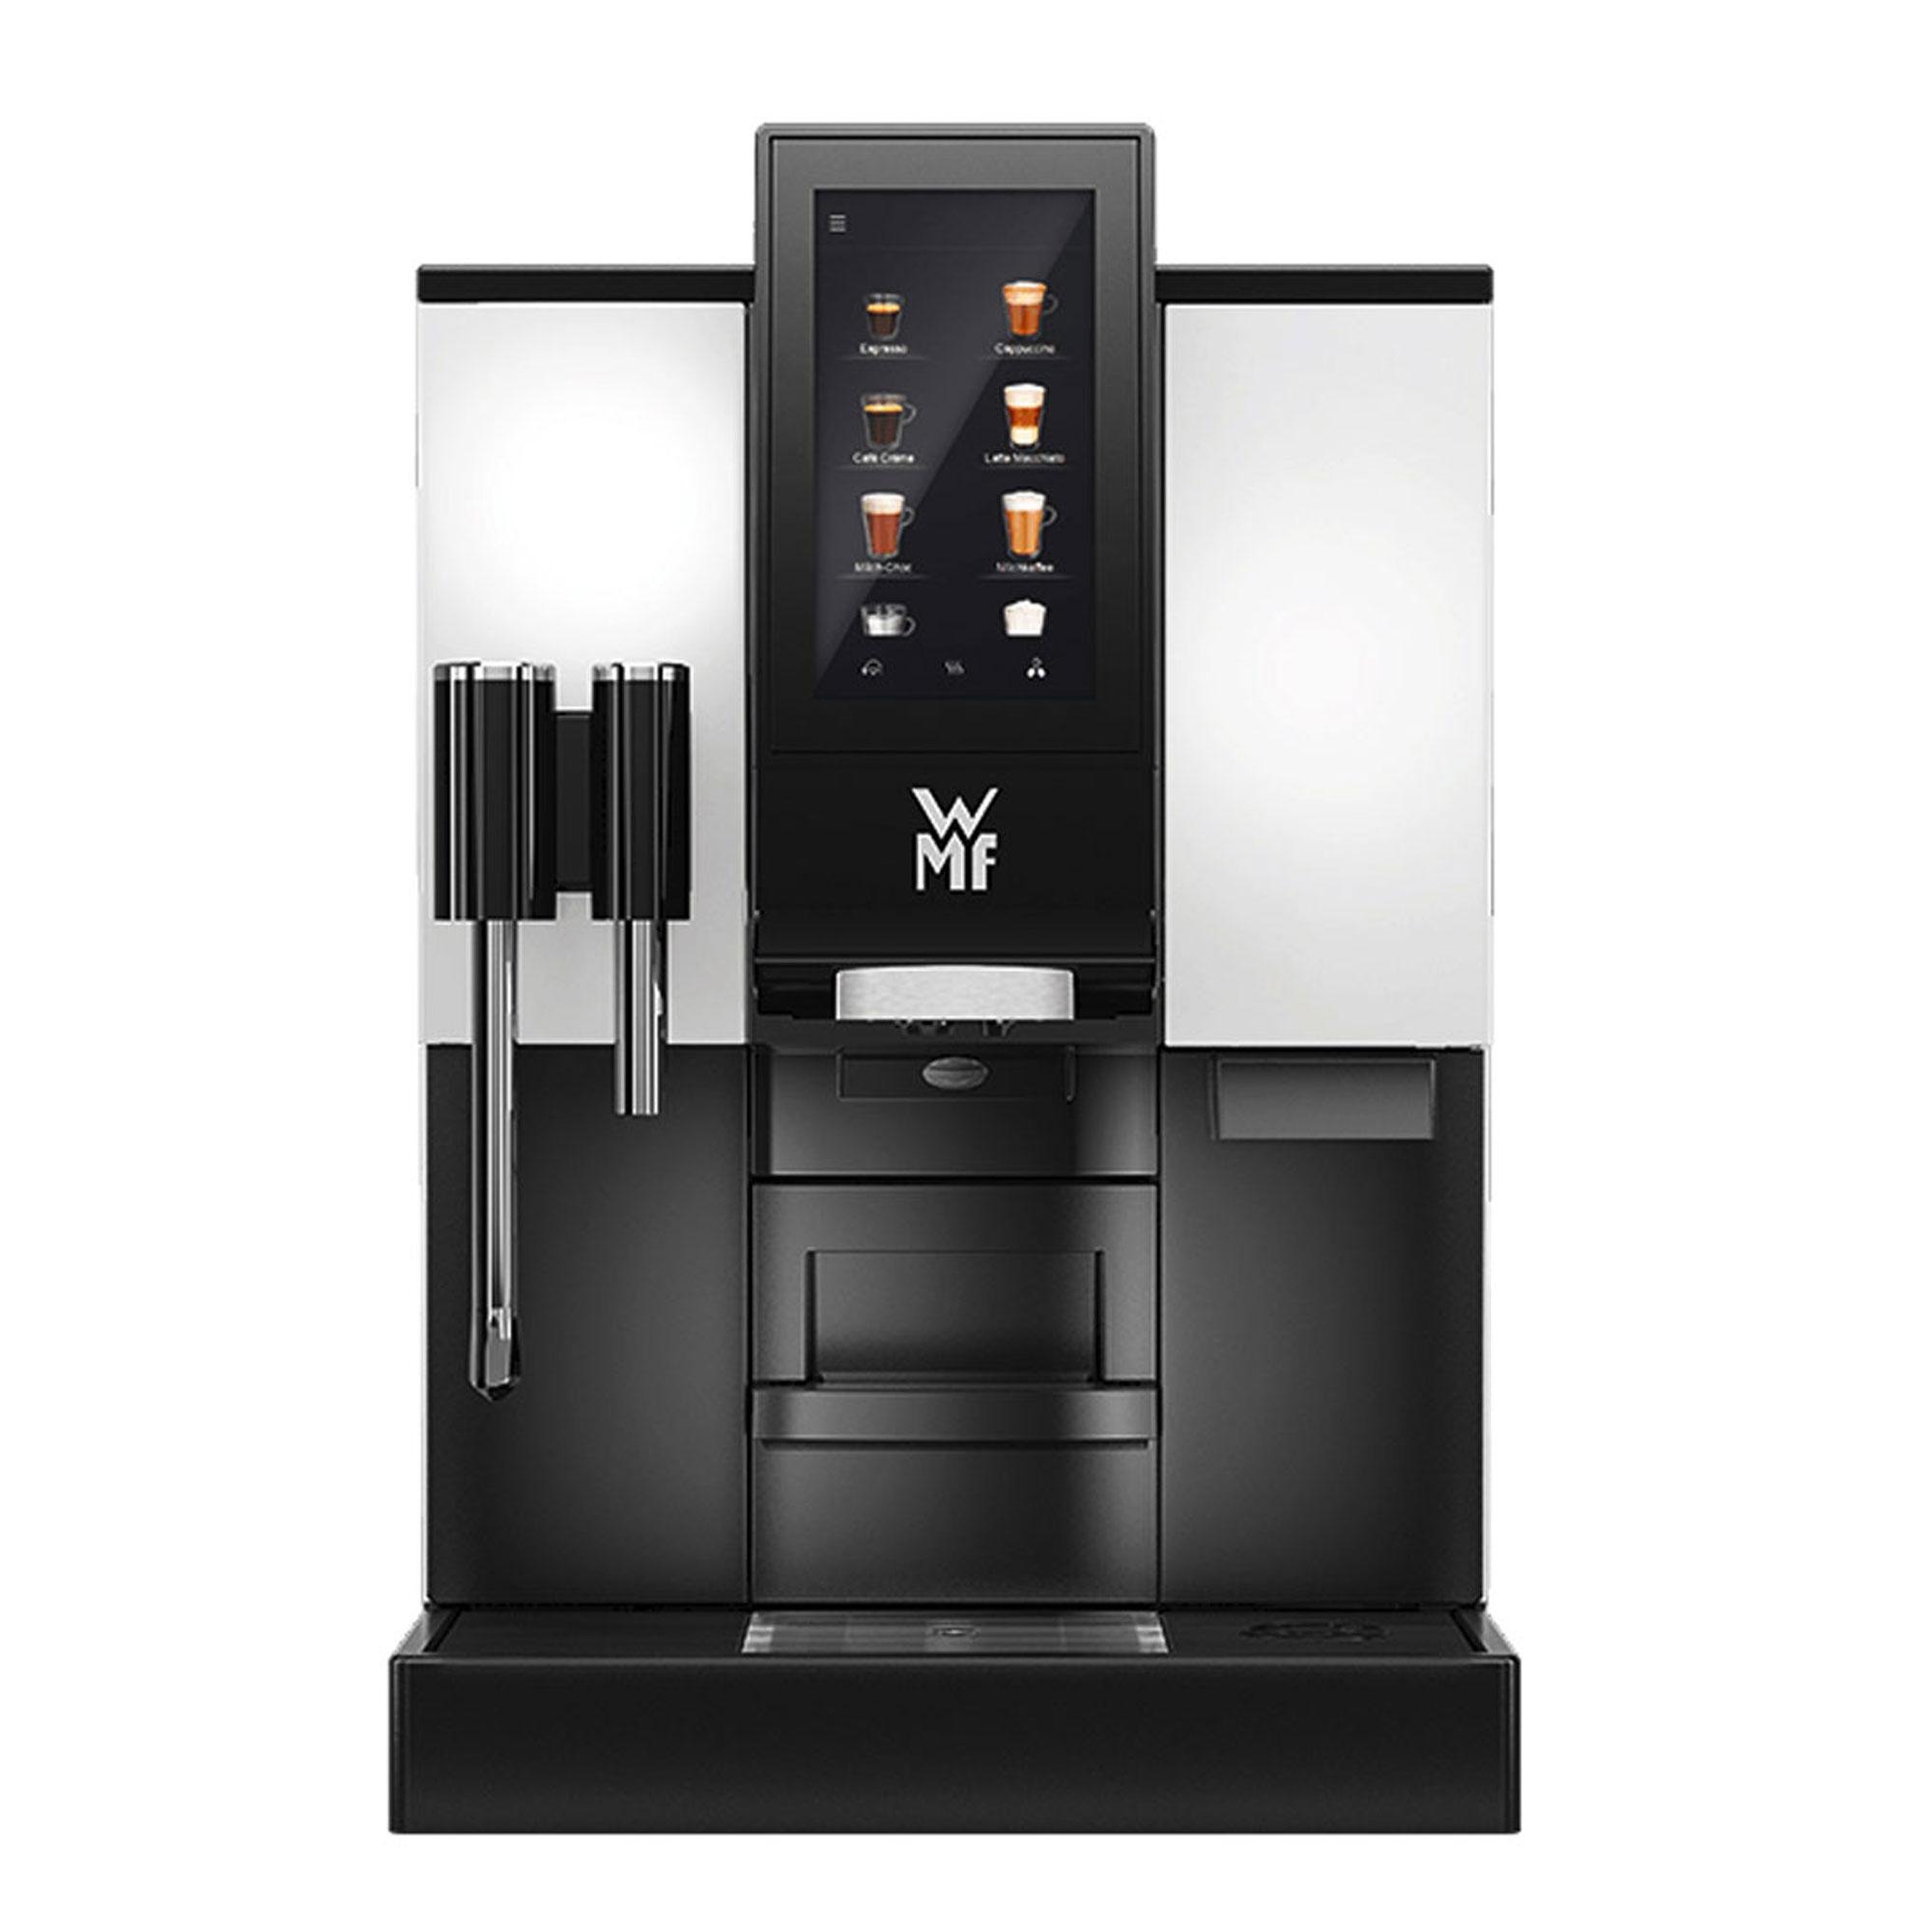 WMF 1100S, WMF , Espressor, HoReCa, Aparat de cafea, Cappuccino, Cafea boabe, Latte Machiatto